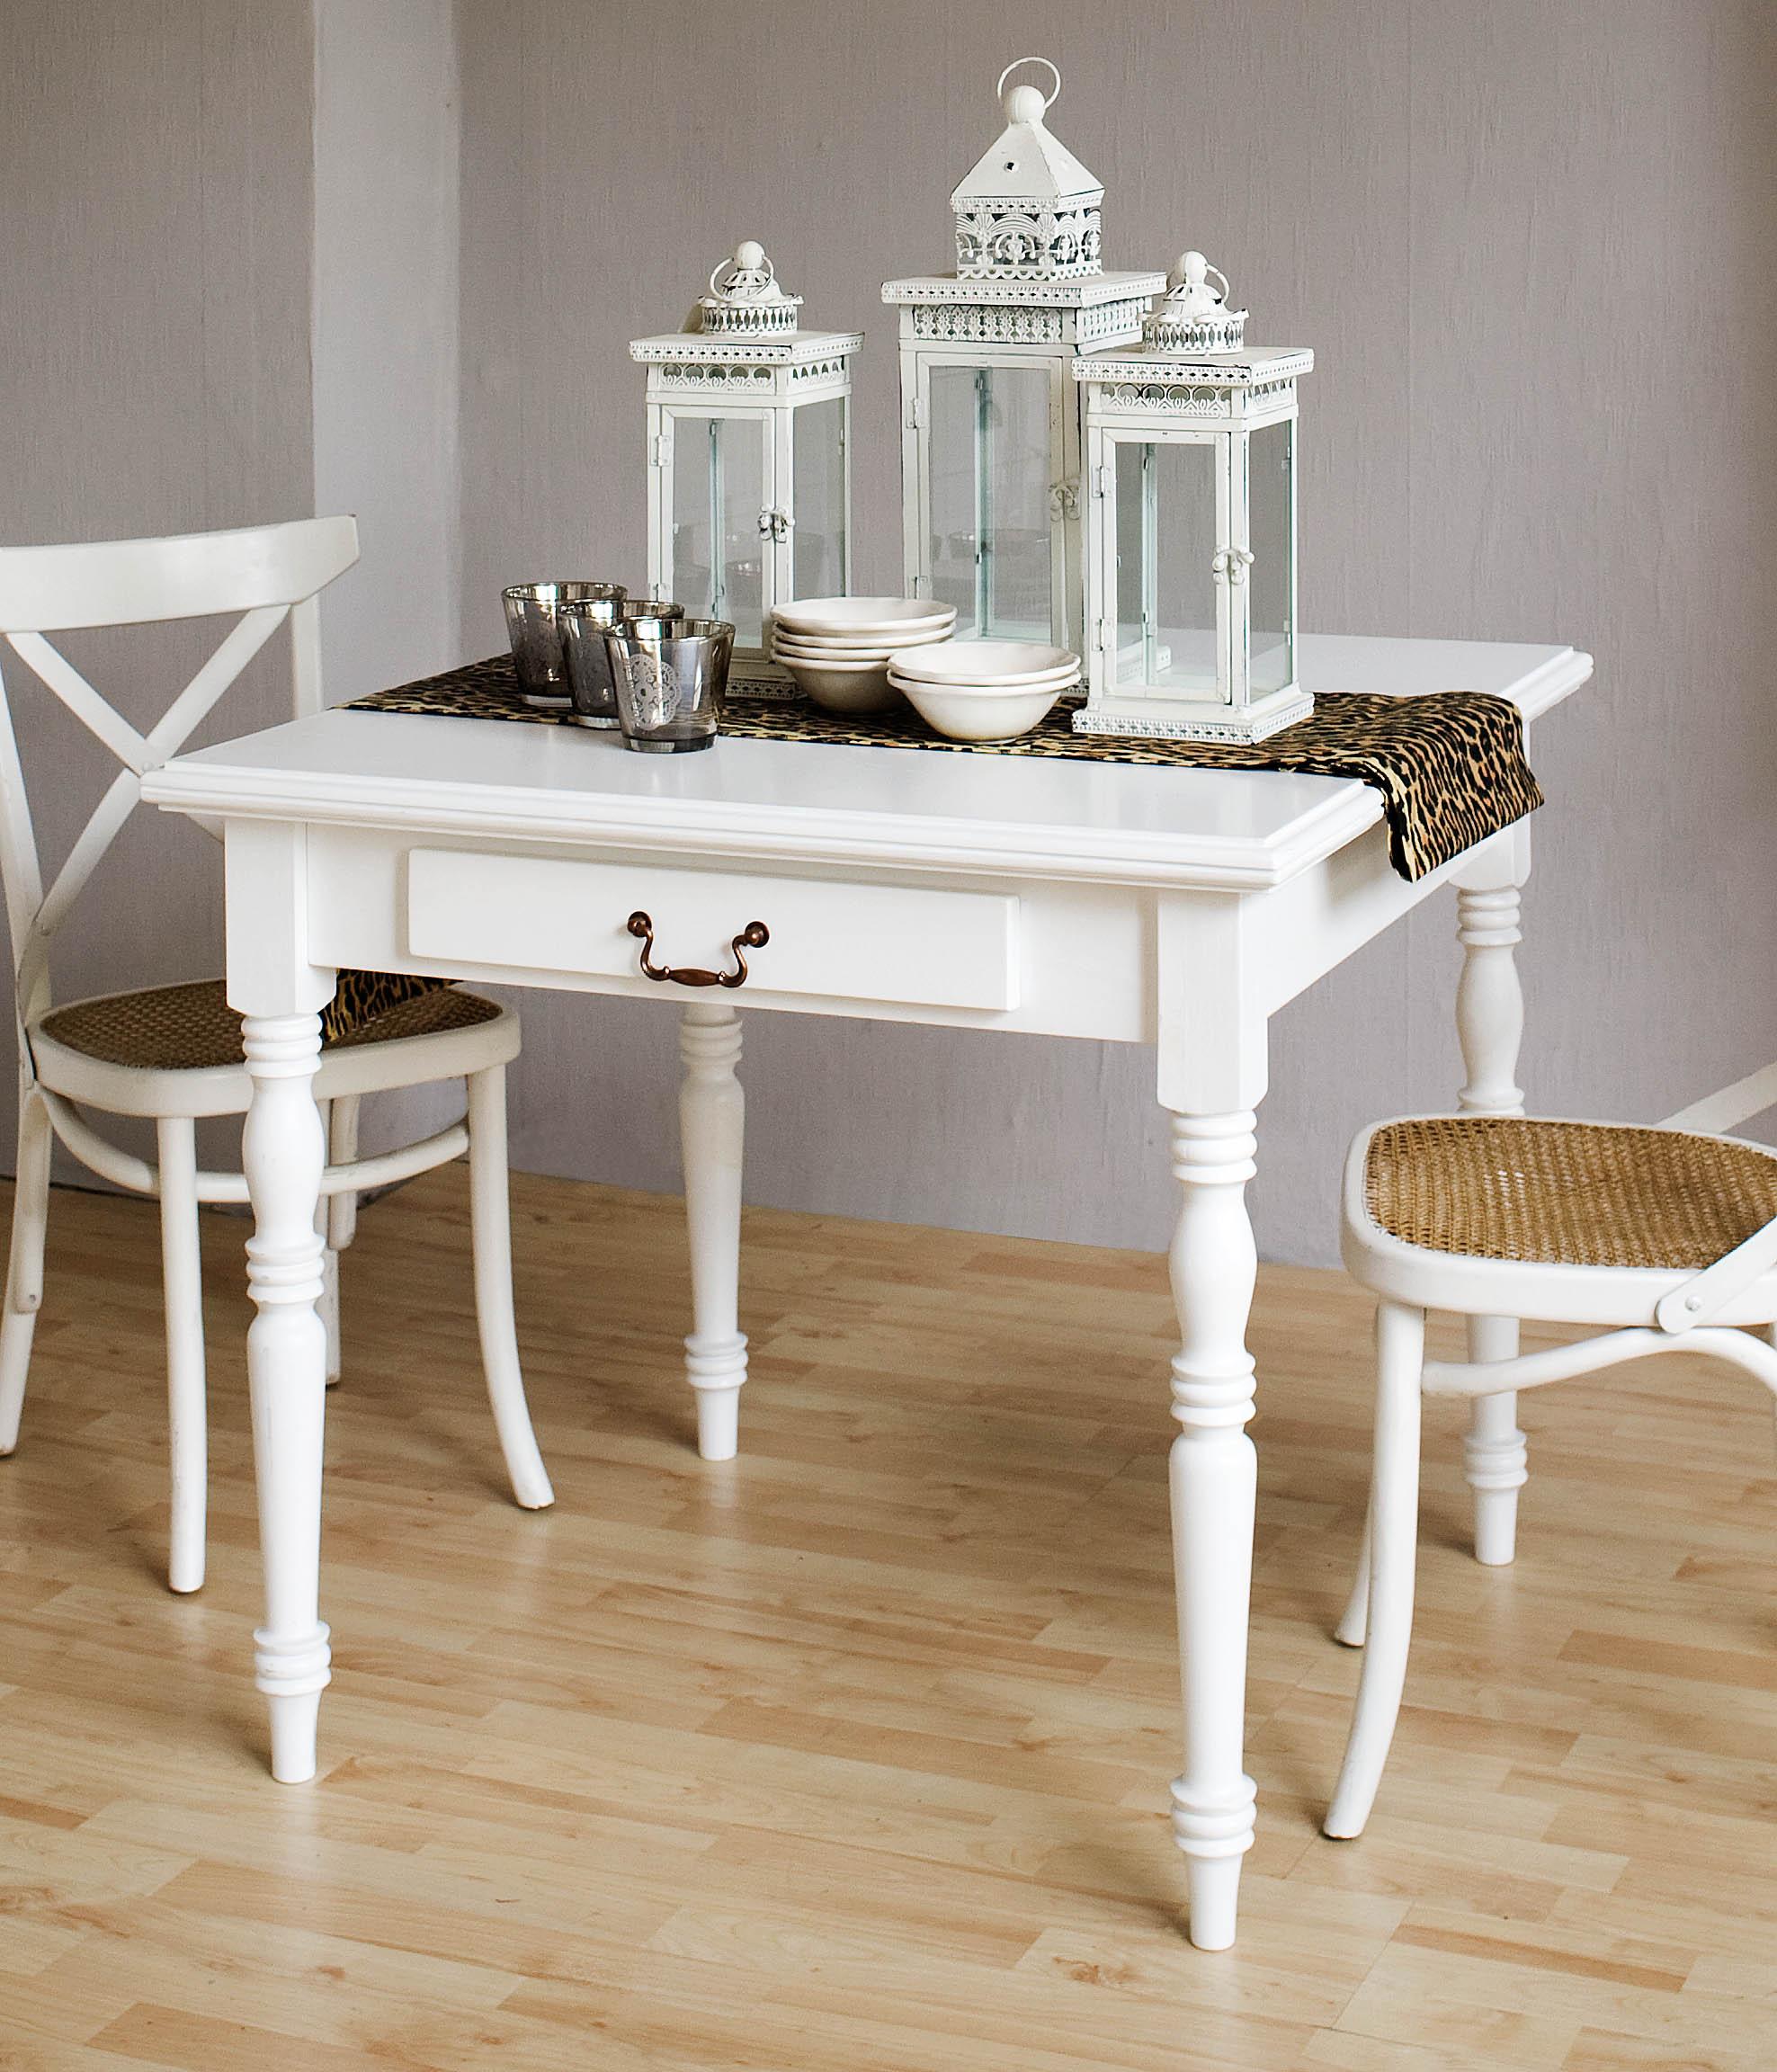 tisch im landhausstil von famberg versand. Black Bedroom Furniture Sets. Home Design Ideas